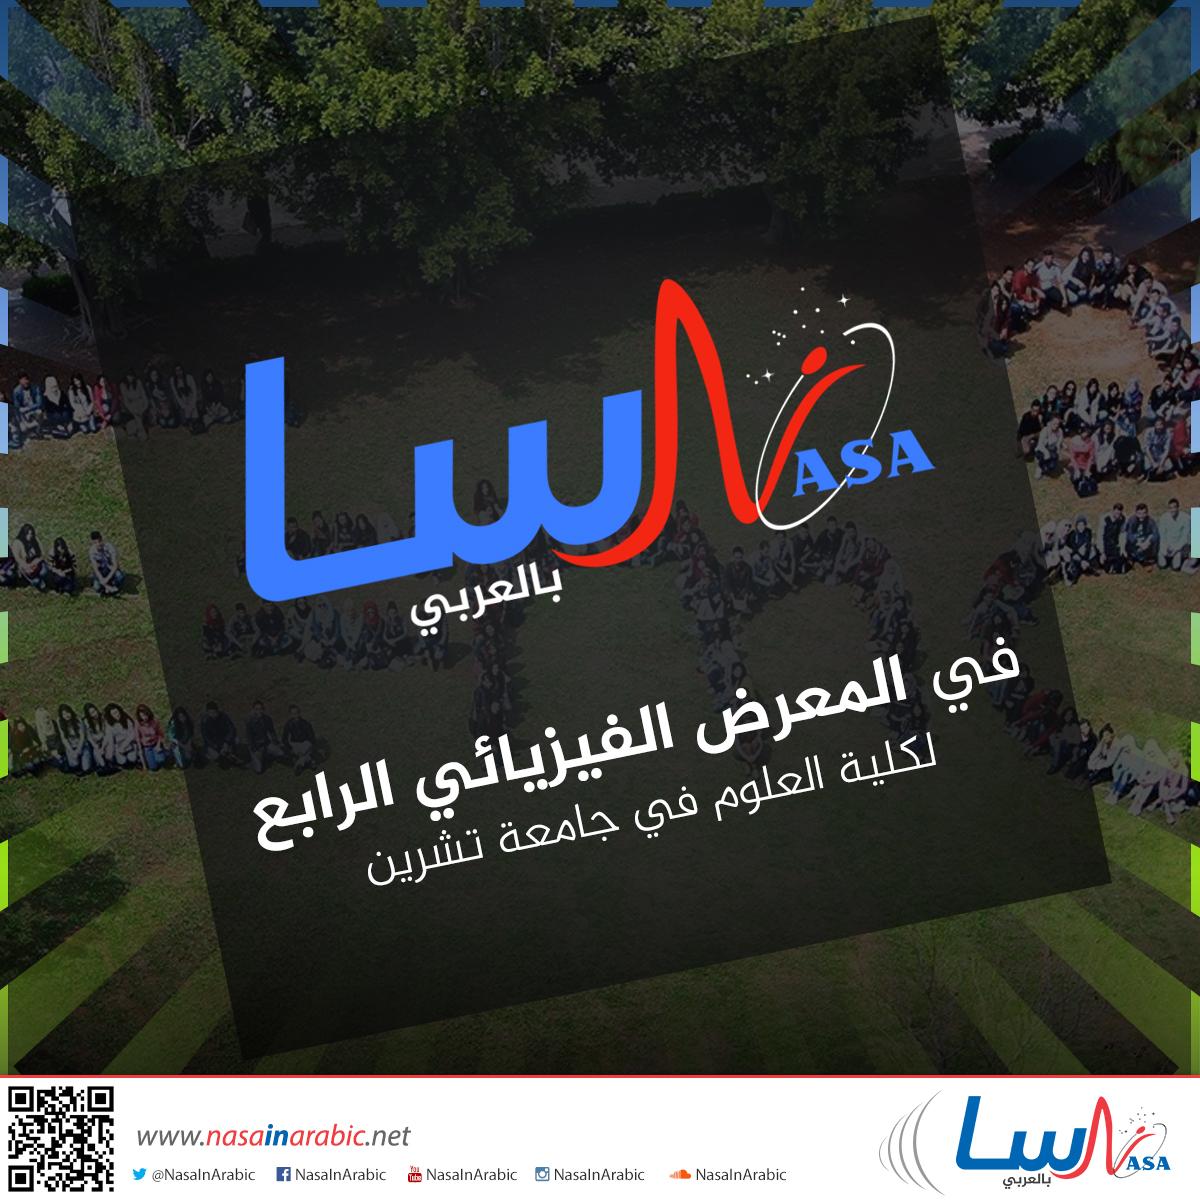 ناسا بالعربي في المعرض الفيزيائي الرابع لكلية العلوم في جامعة تشرين